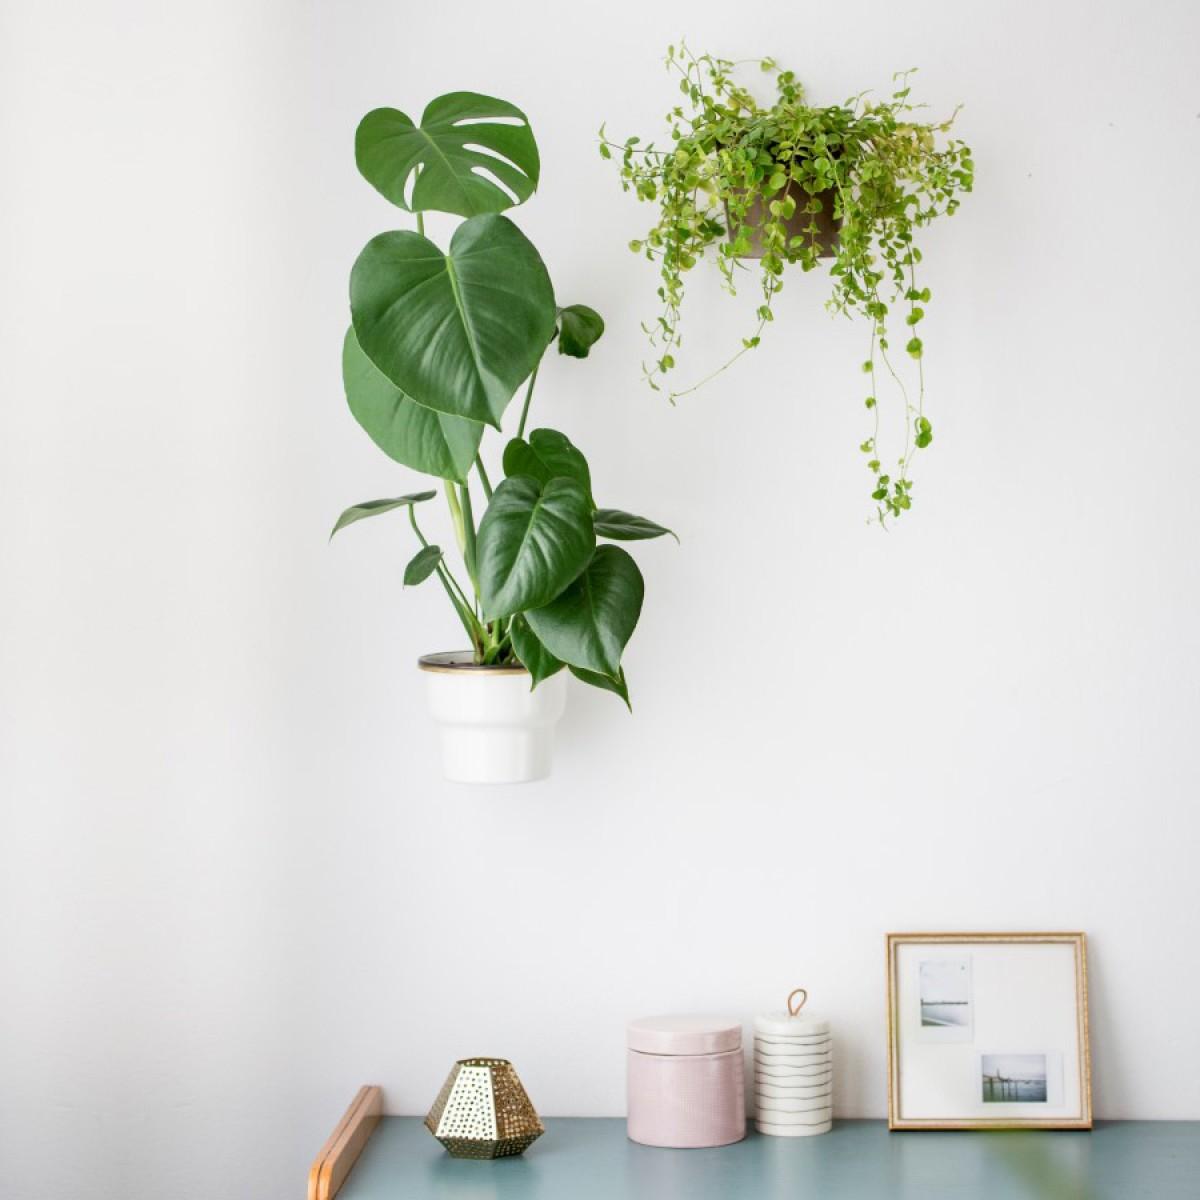 Planty Rings Wallplanter | universelle Wandhalterung für Pflanzen im Übertopf | Blumenampel für die Wand im minimalistischen Design | Urban Jungle | Vertikaler Garten | Material Messing | in 3 Größen erhältlich